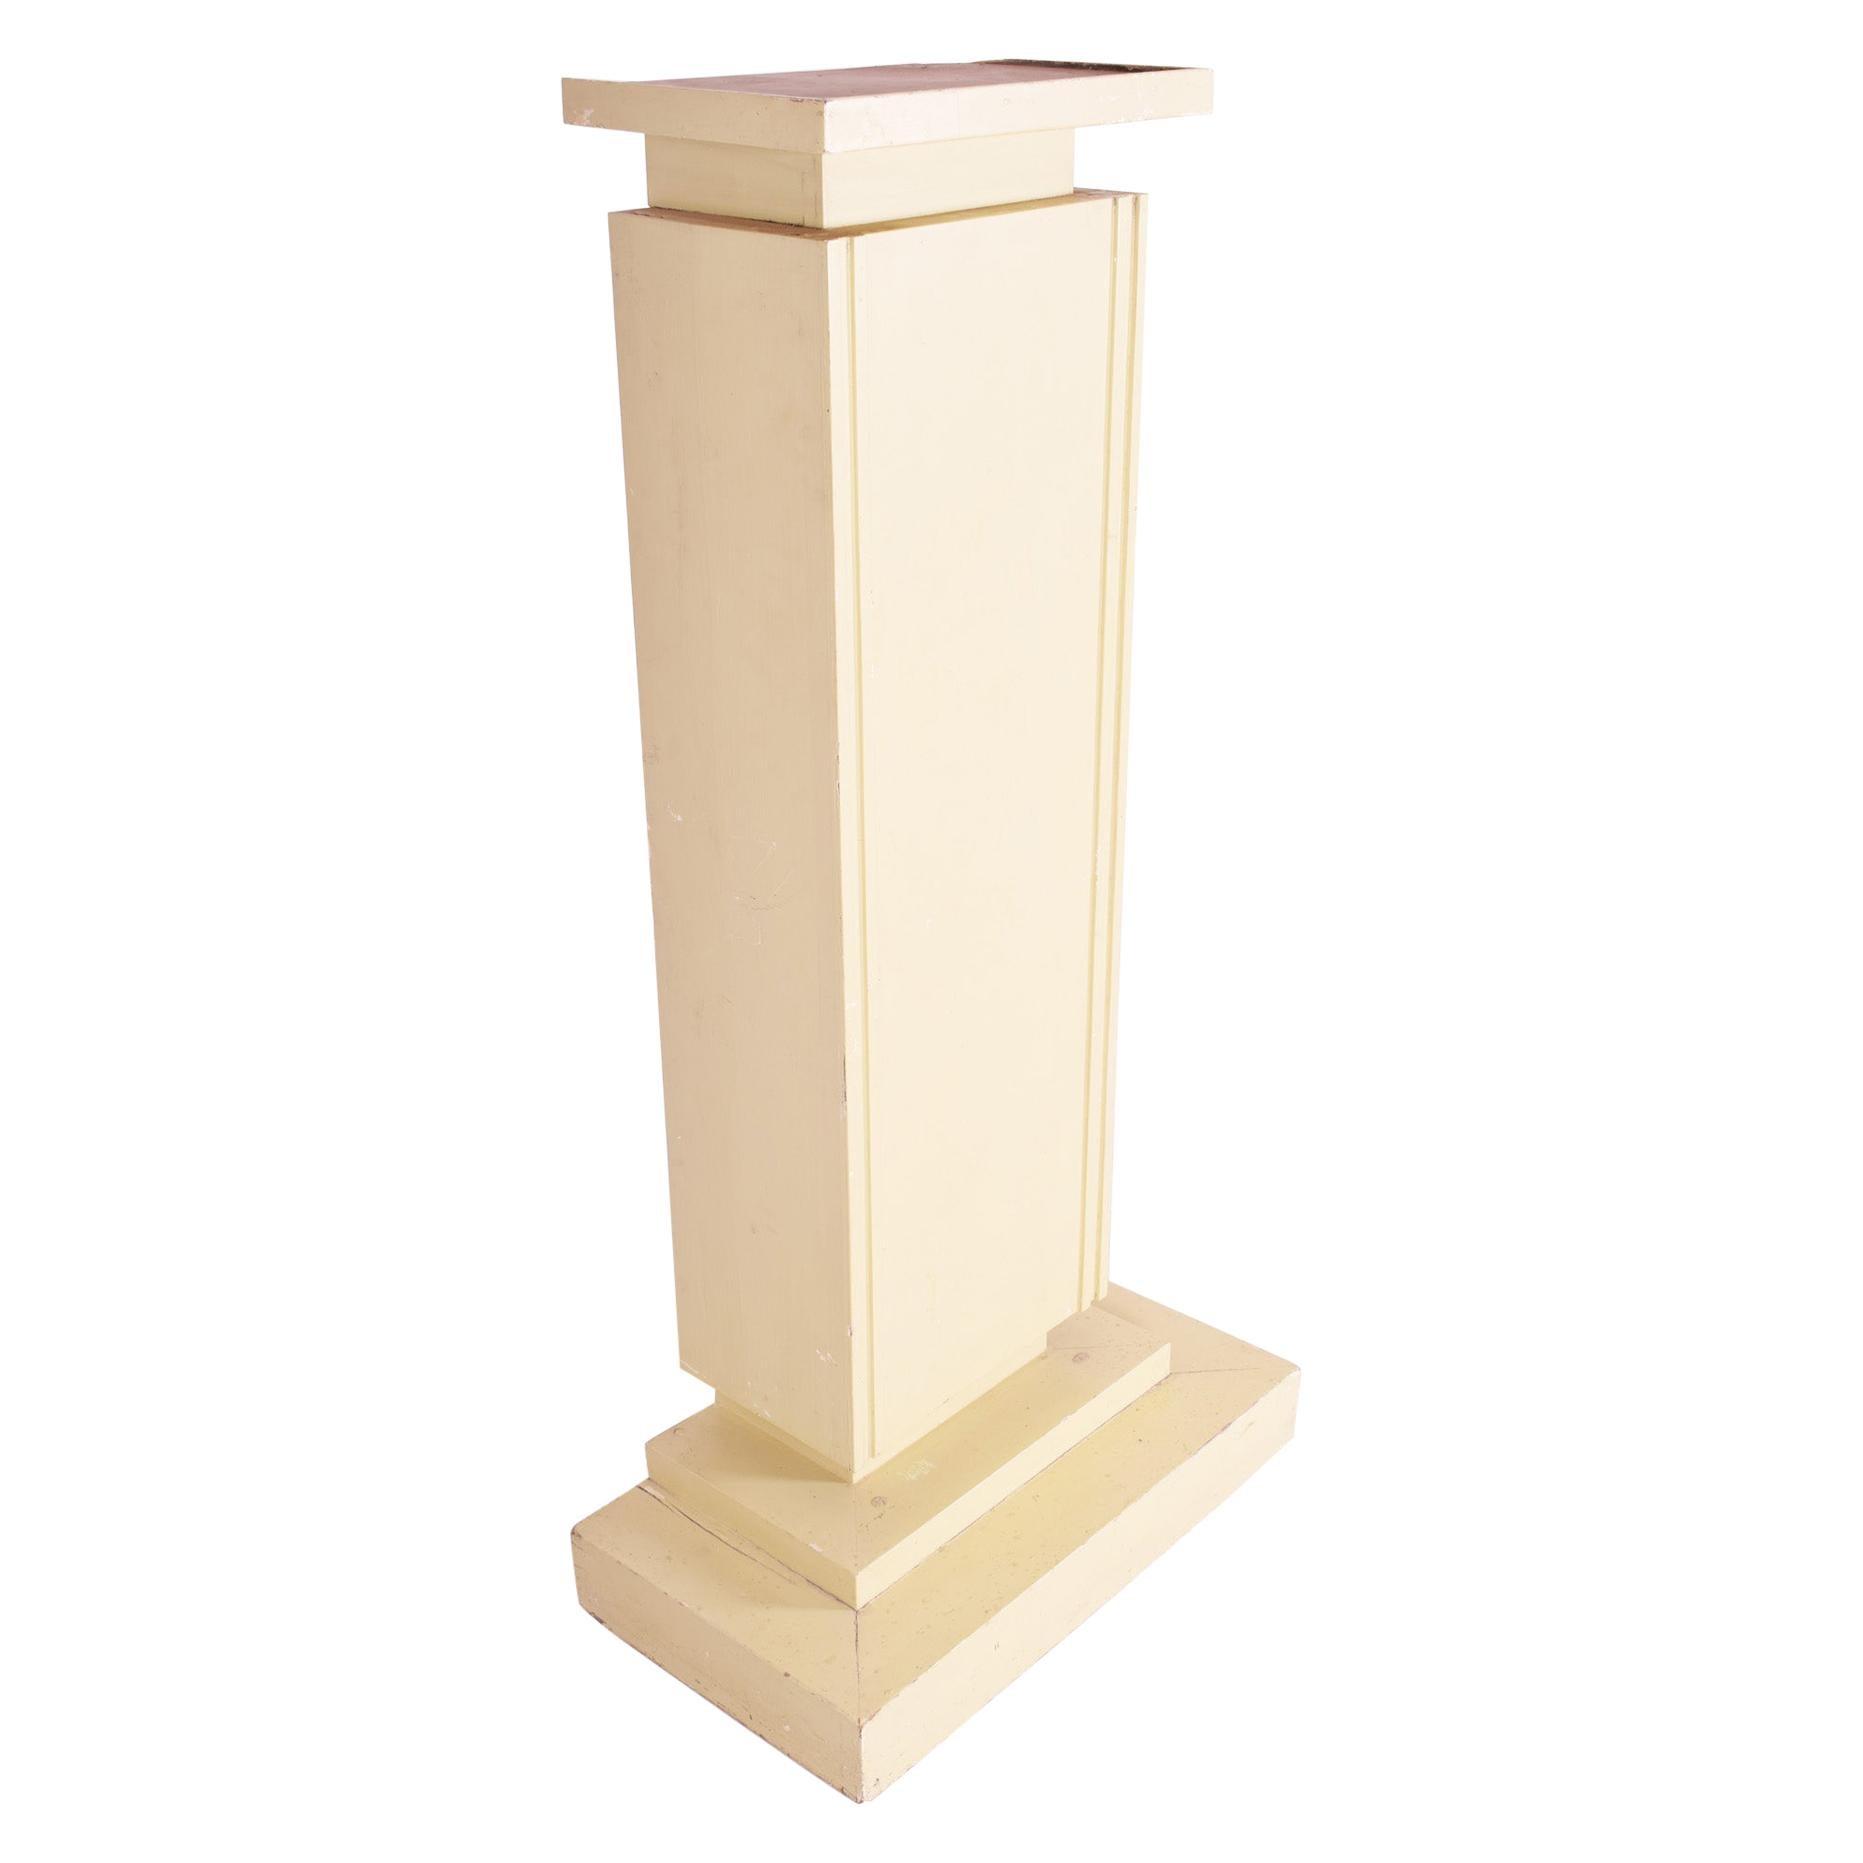 Unique Beige Czech Art Deco Pedestal, Original Condition, 1920s